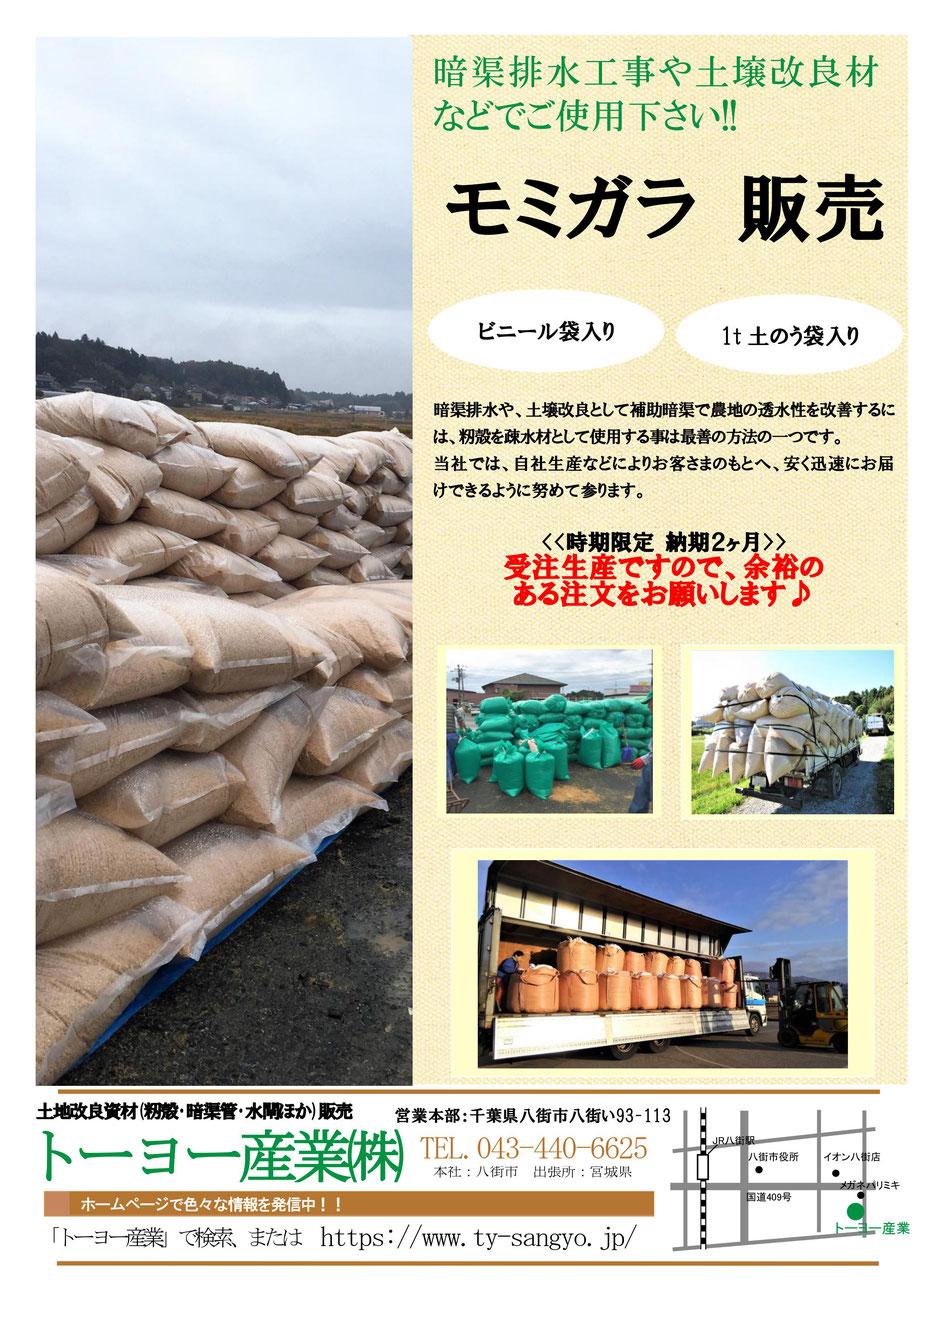 主に、暗渠排水用や土壌改良材・家畜の寝床等の広く使われるモミガラ。当社では、全国へモミガラを販売しております。